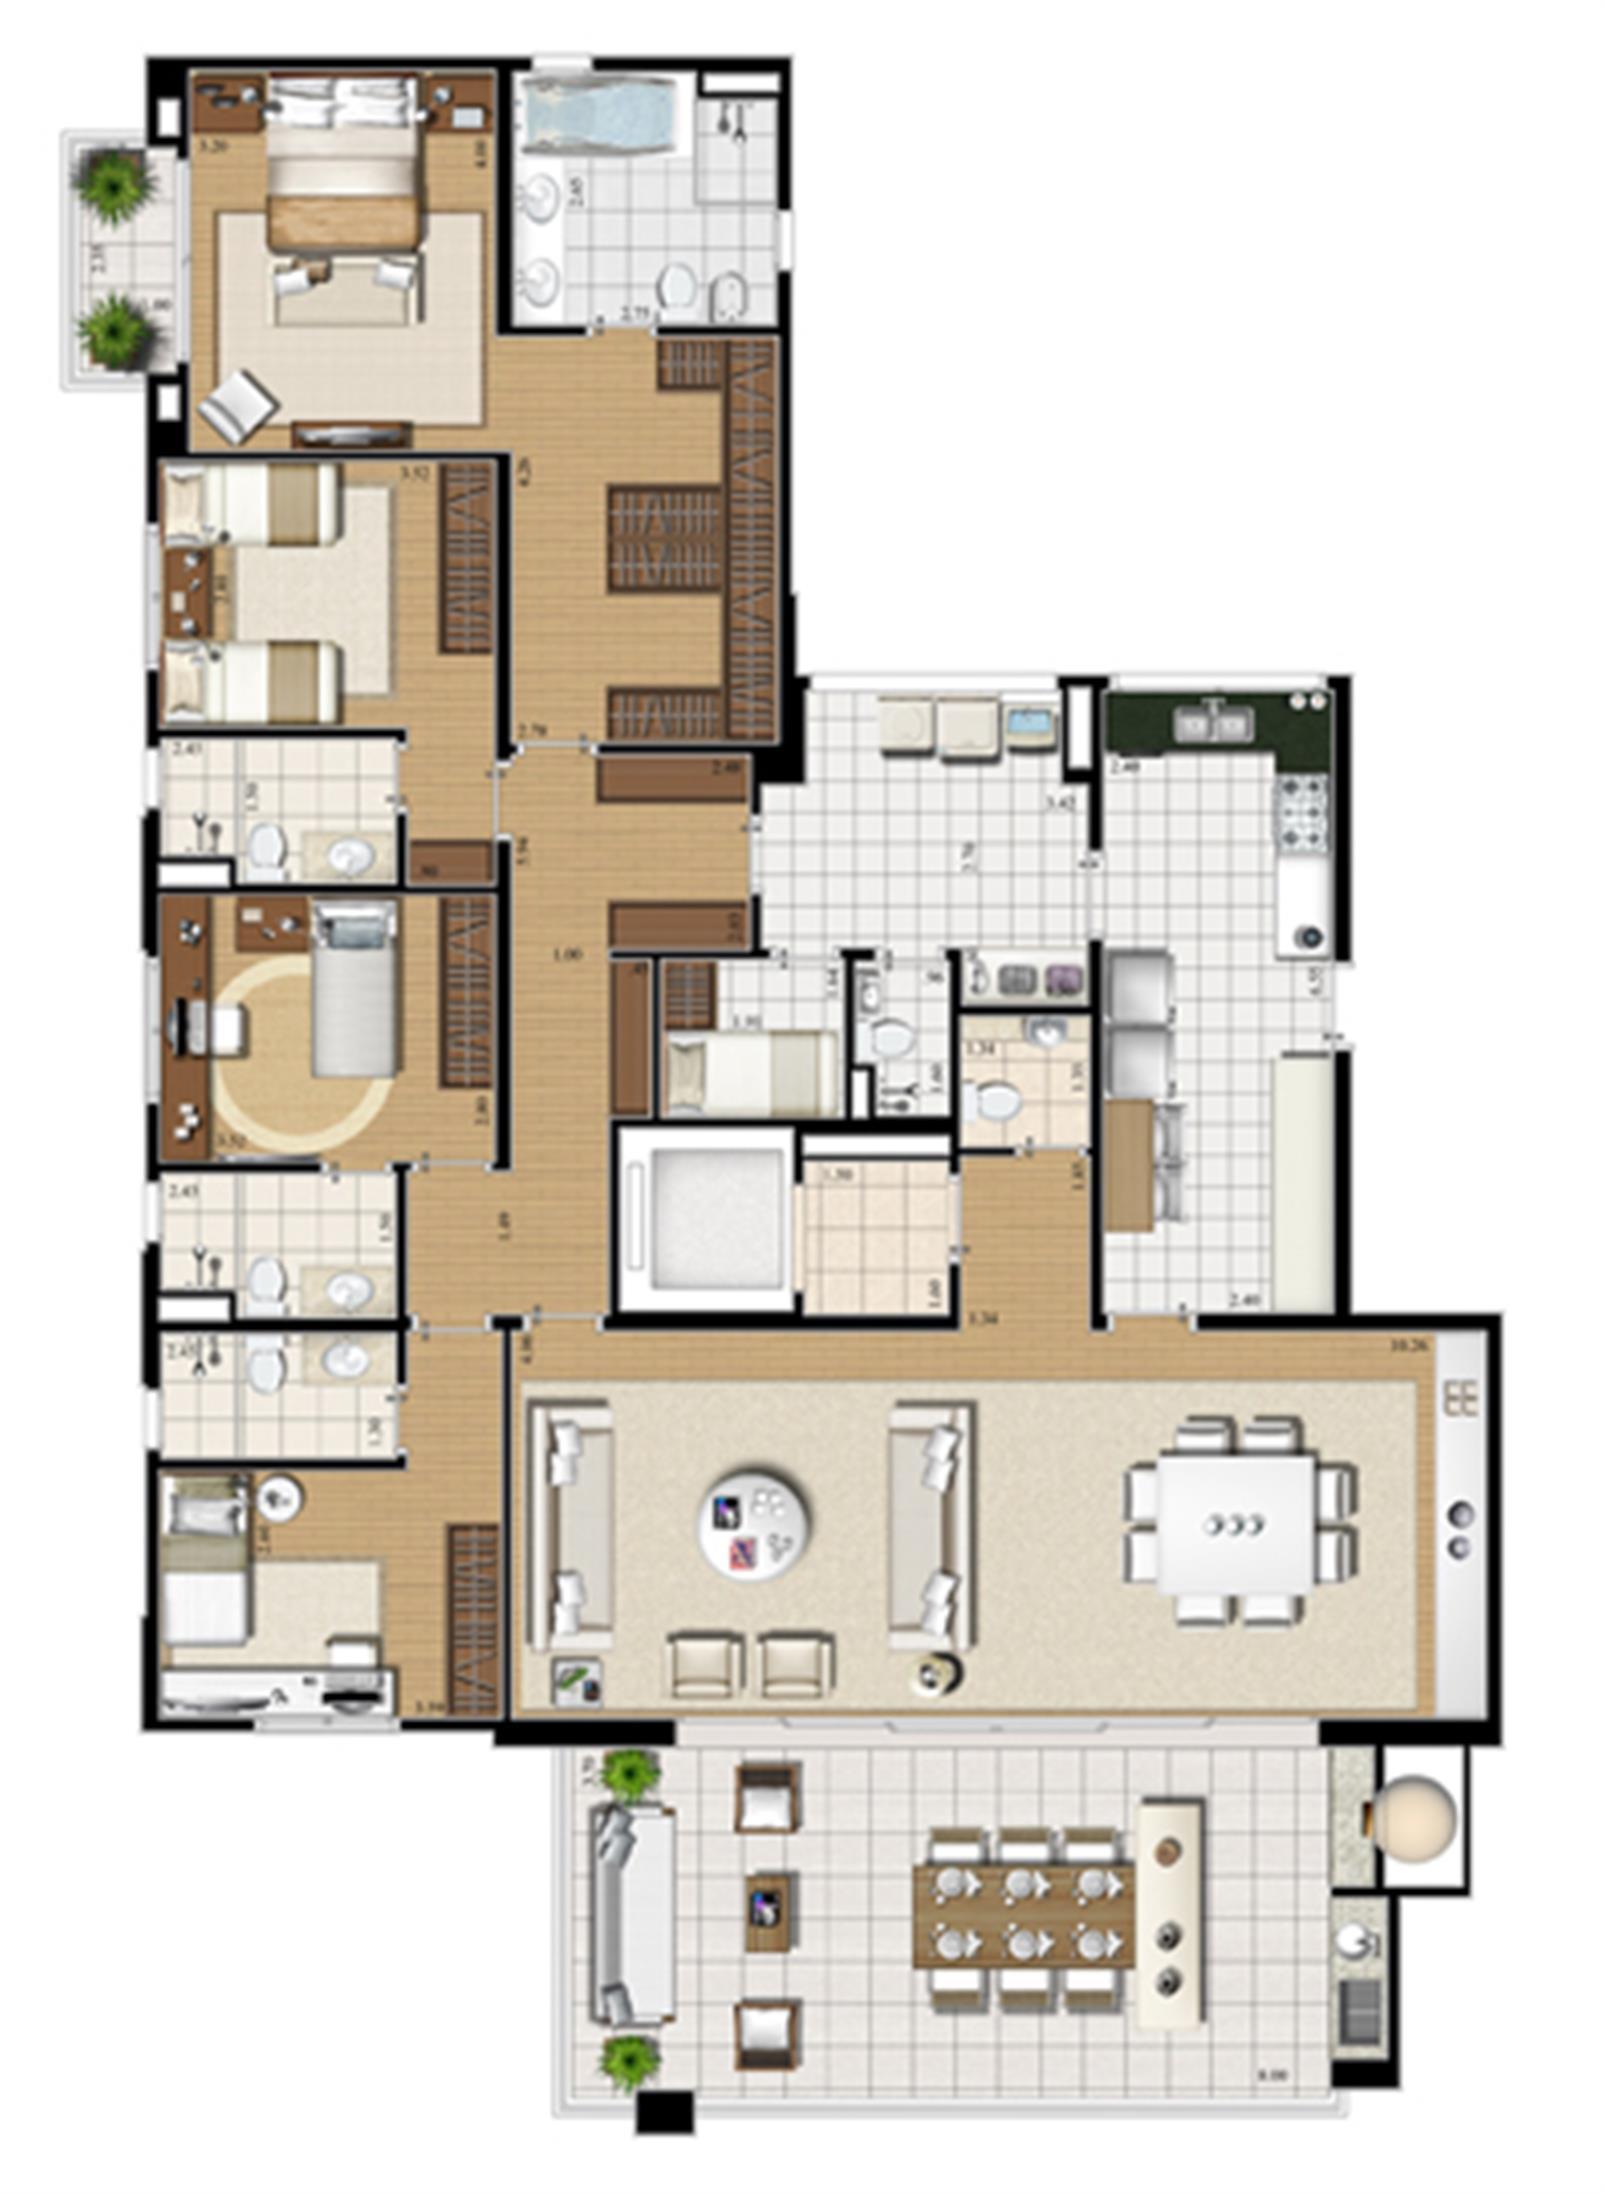 Planta tipo   227 m² | Cristall Aclimação – Apartamentona  Aclimação - São Paulo - São Paulo